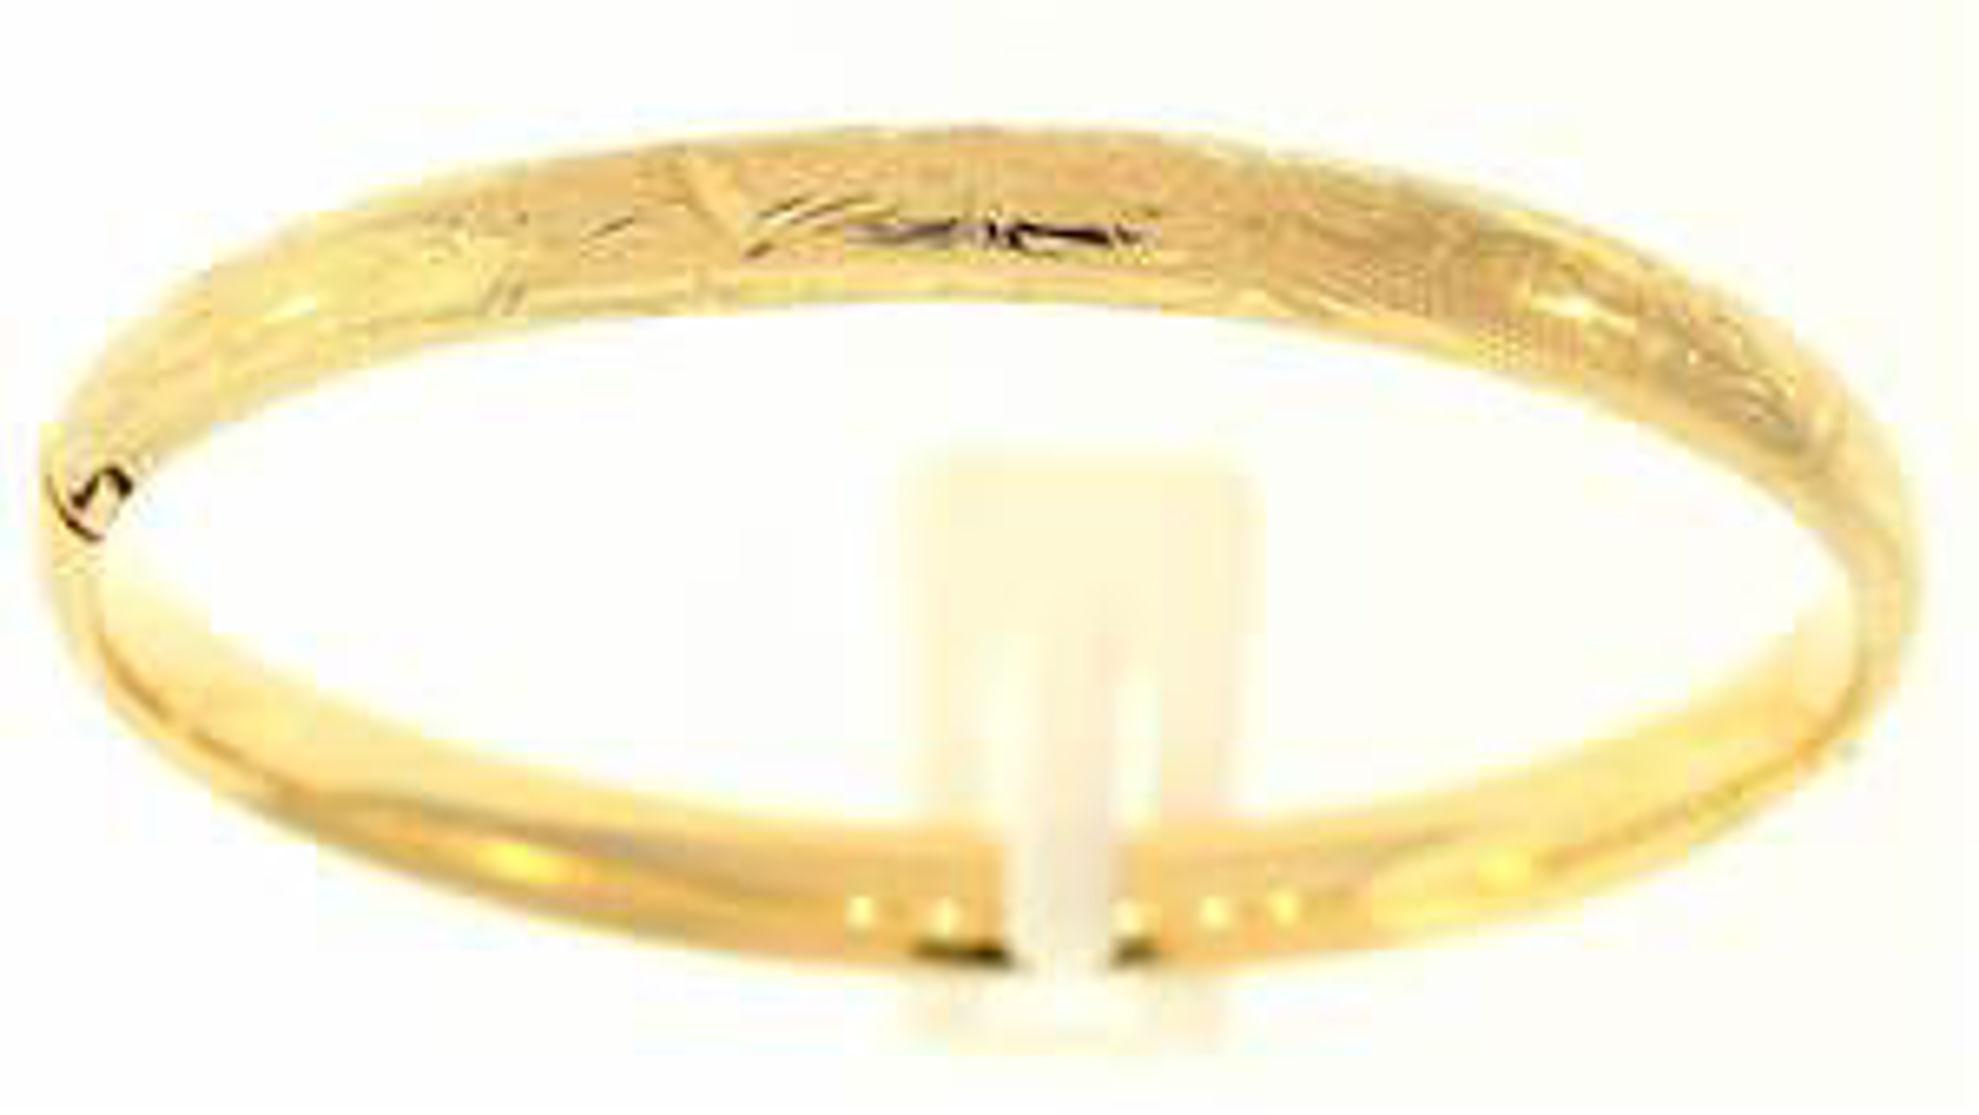 Picture of Bangle Bracelets 14kt-5.1 DWT, 7.9 Grams